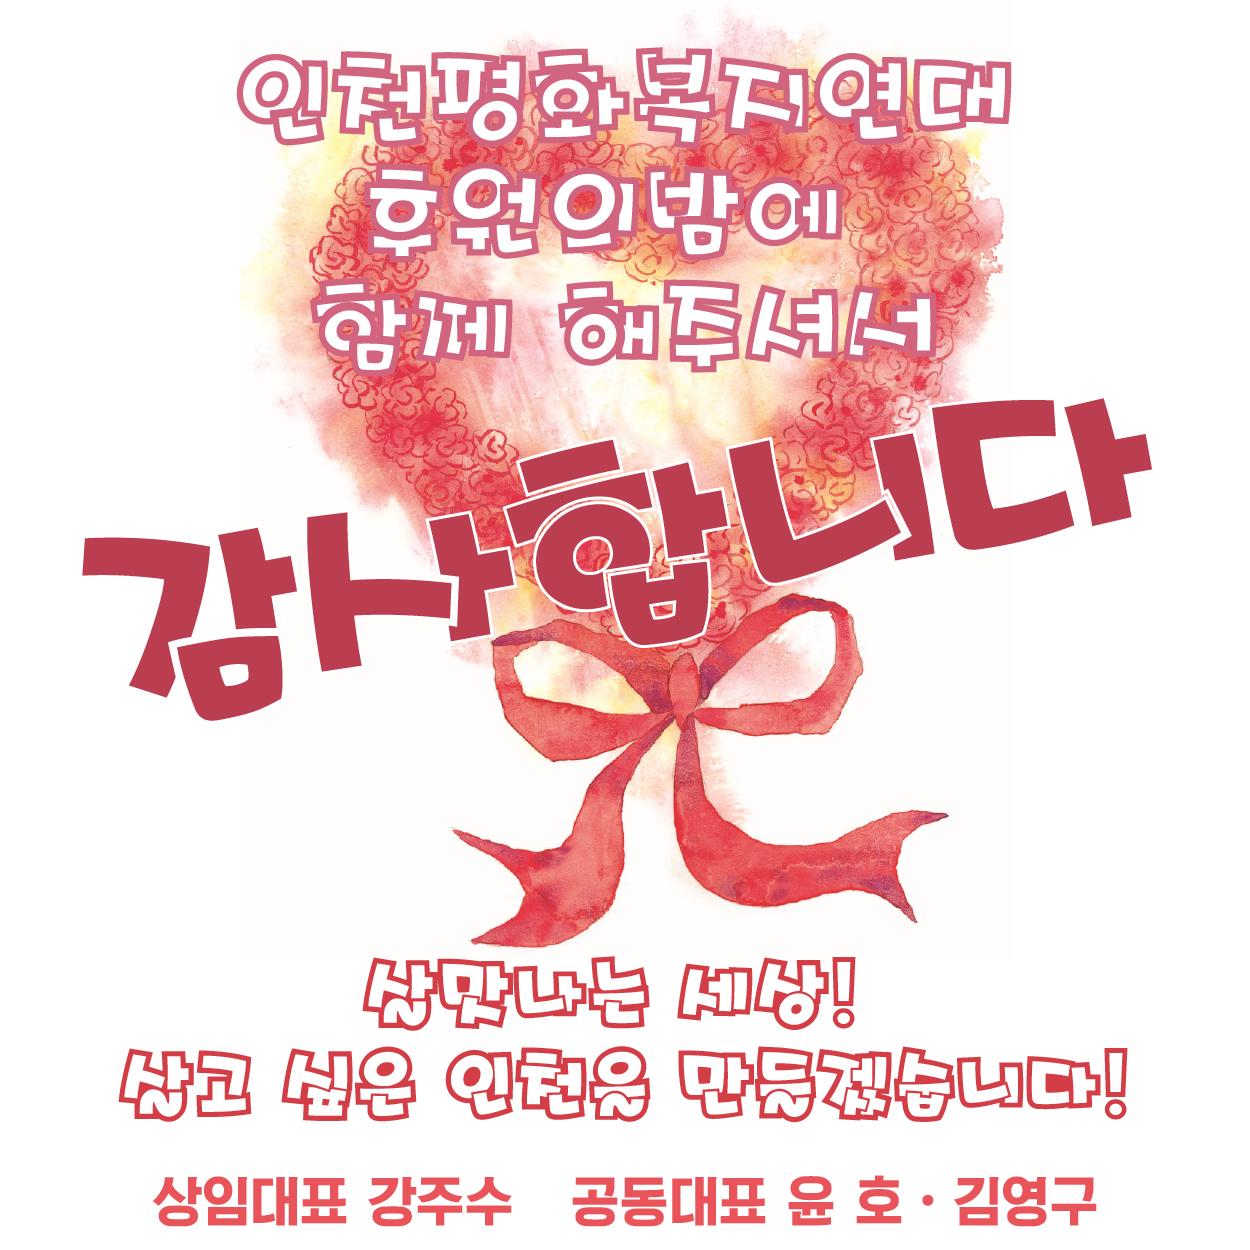 2016 인천평화복지연대 후원의밤 감사인사.png